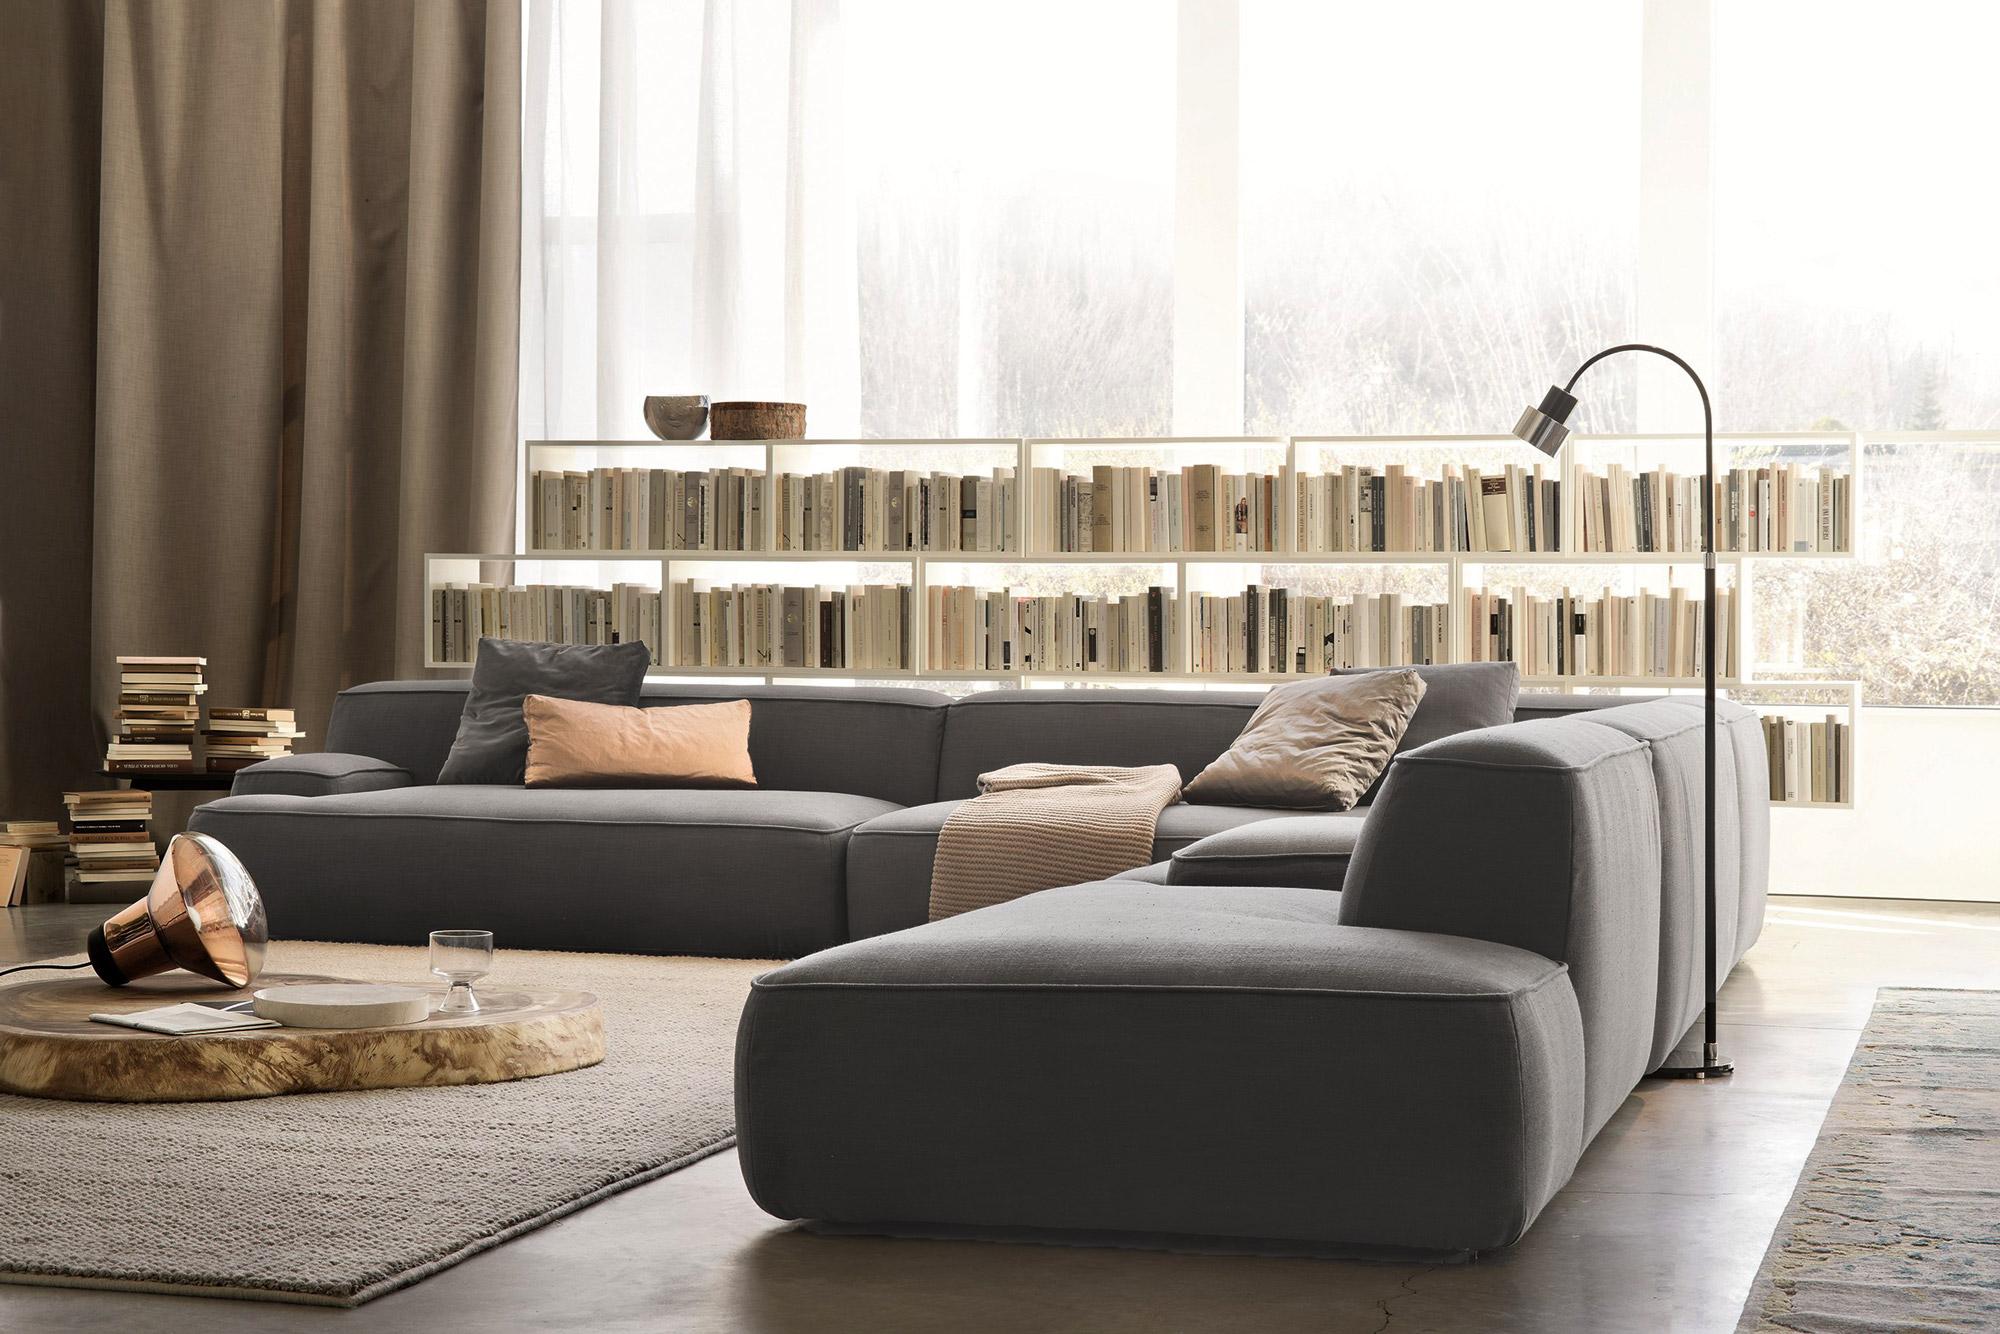 canap en cuir airport. Black Bedroom Furniture Sets. Home Design Ideas